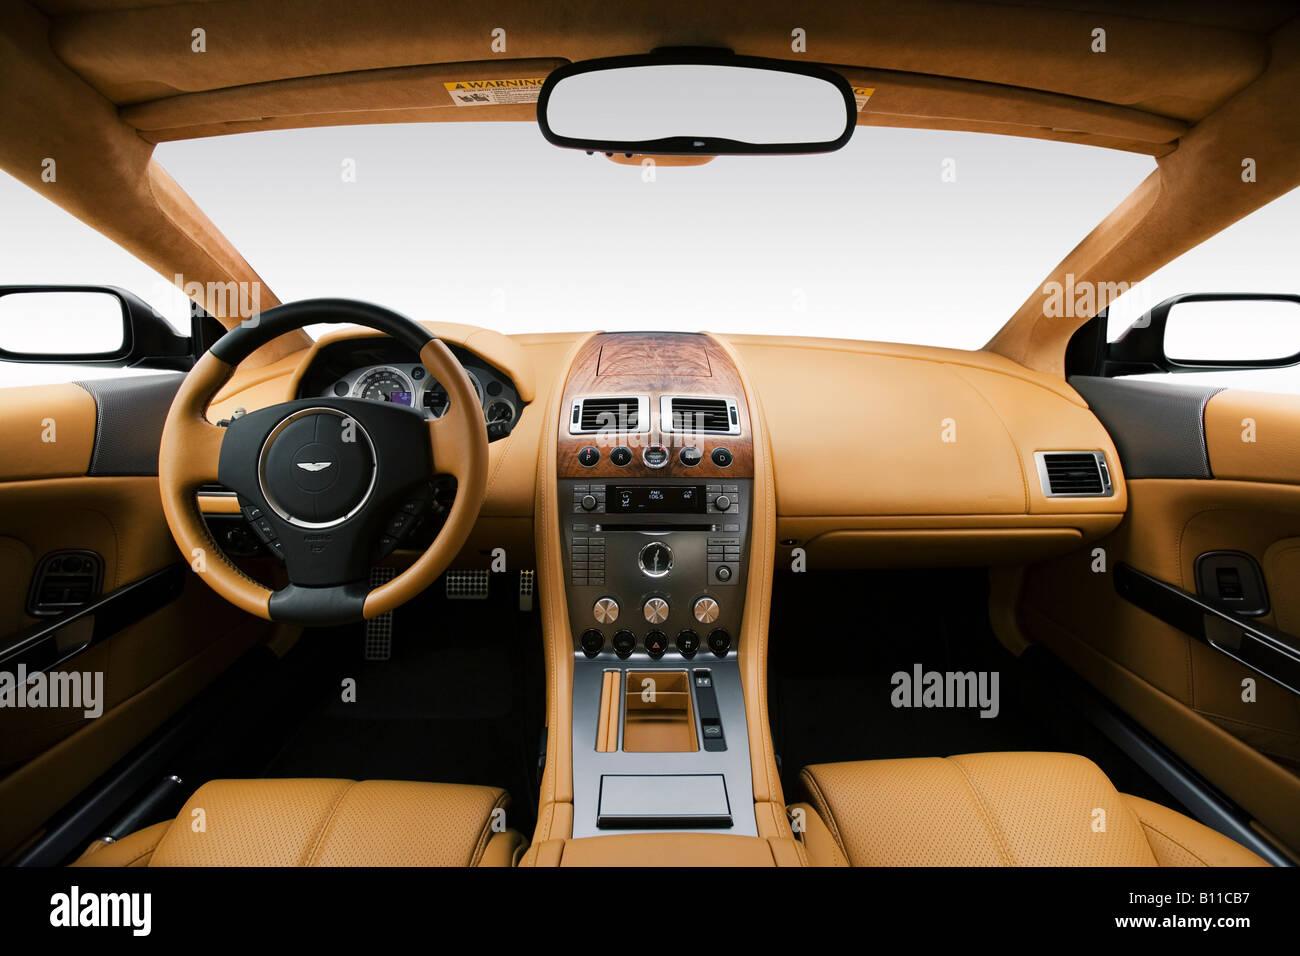 2008 aston martin db9 in black - dashboard, center console, gear